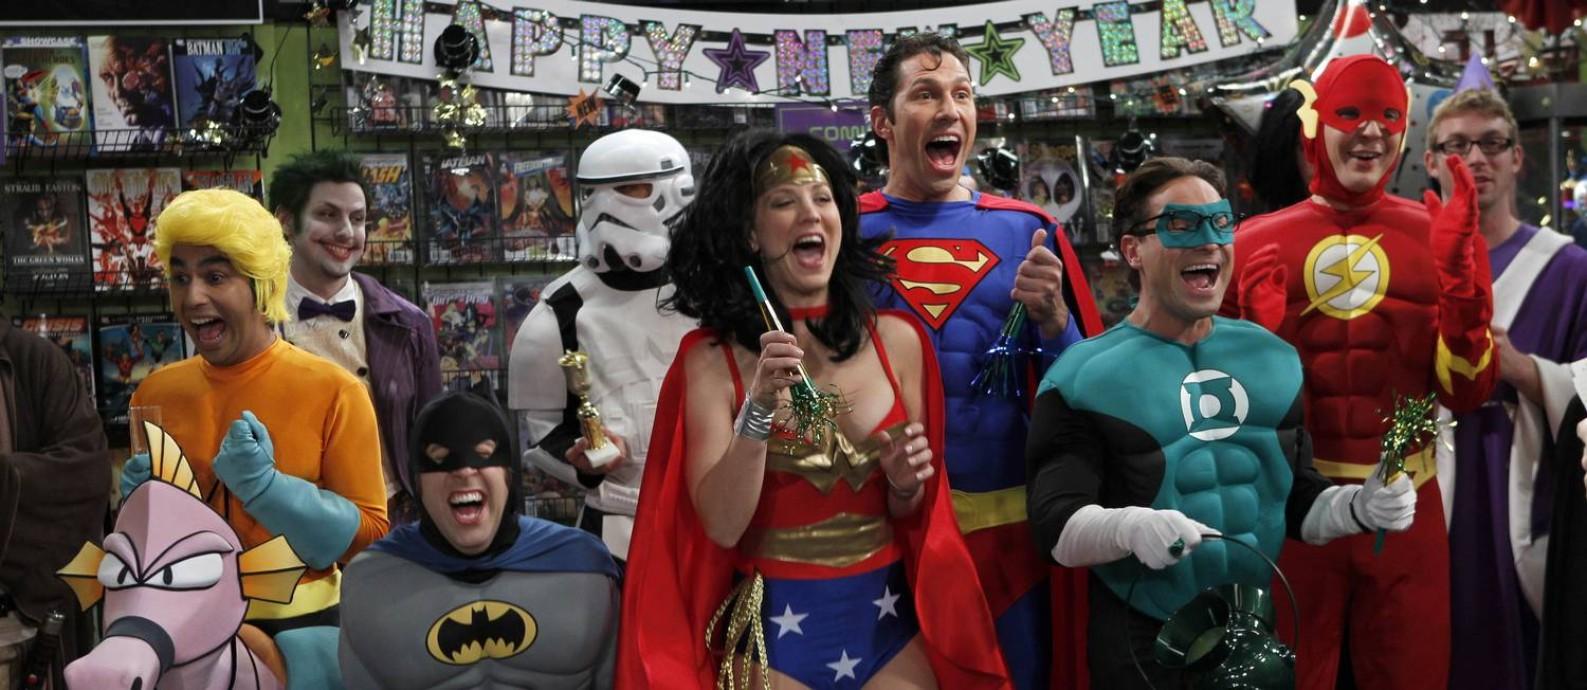 Cena de The Big Bang Theory (Warner Channel), cujos atores participaram do Comic Con 2011. Foto: Divulgação